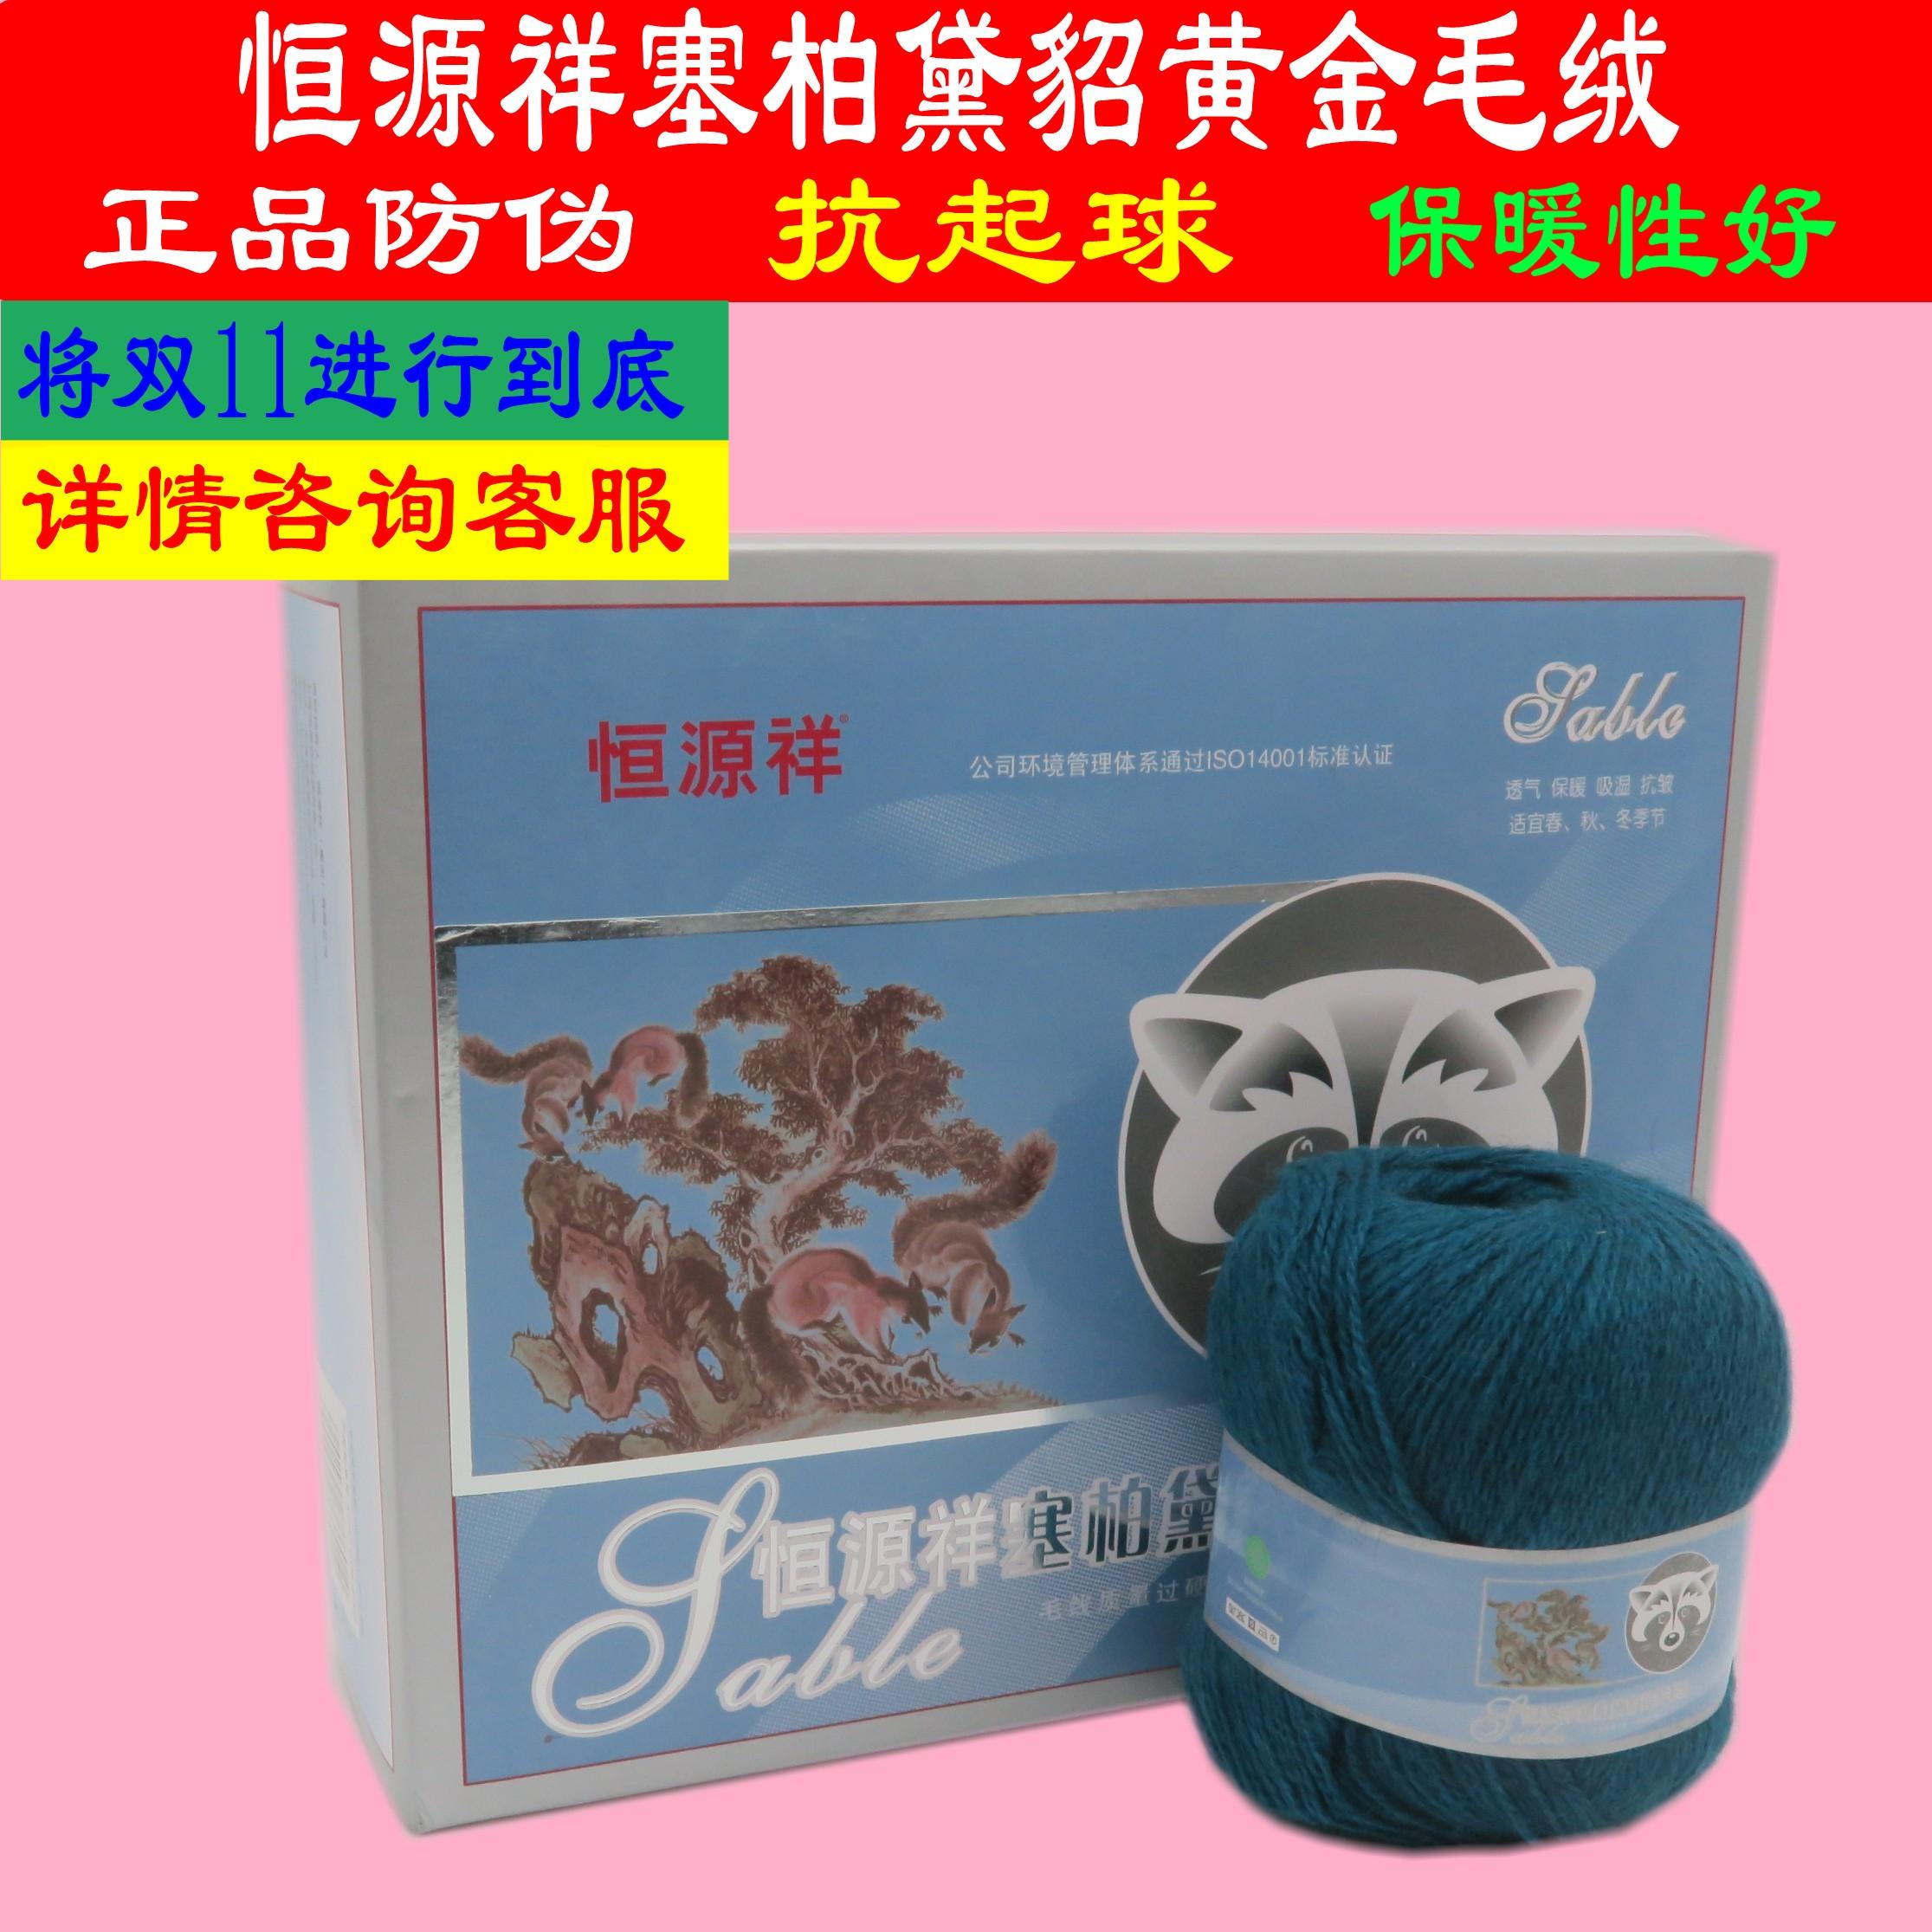 Шерстяные нитки для вязания Артикул 36784408586